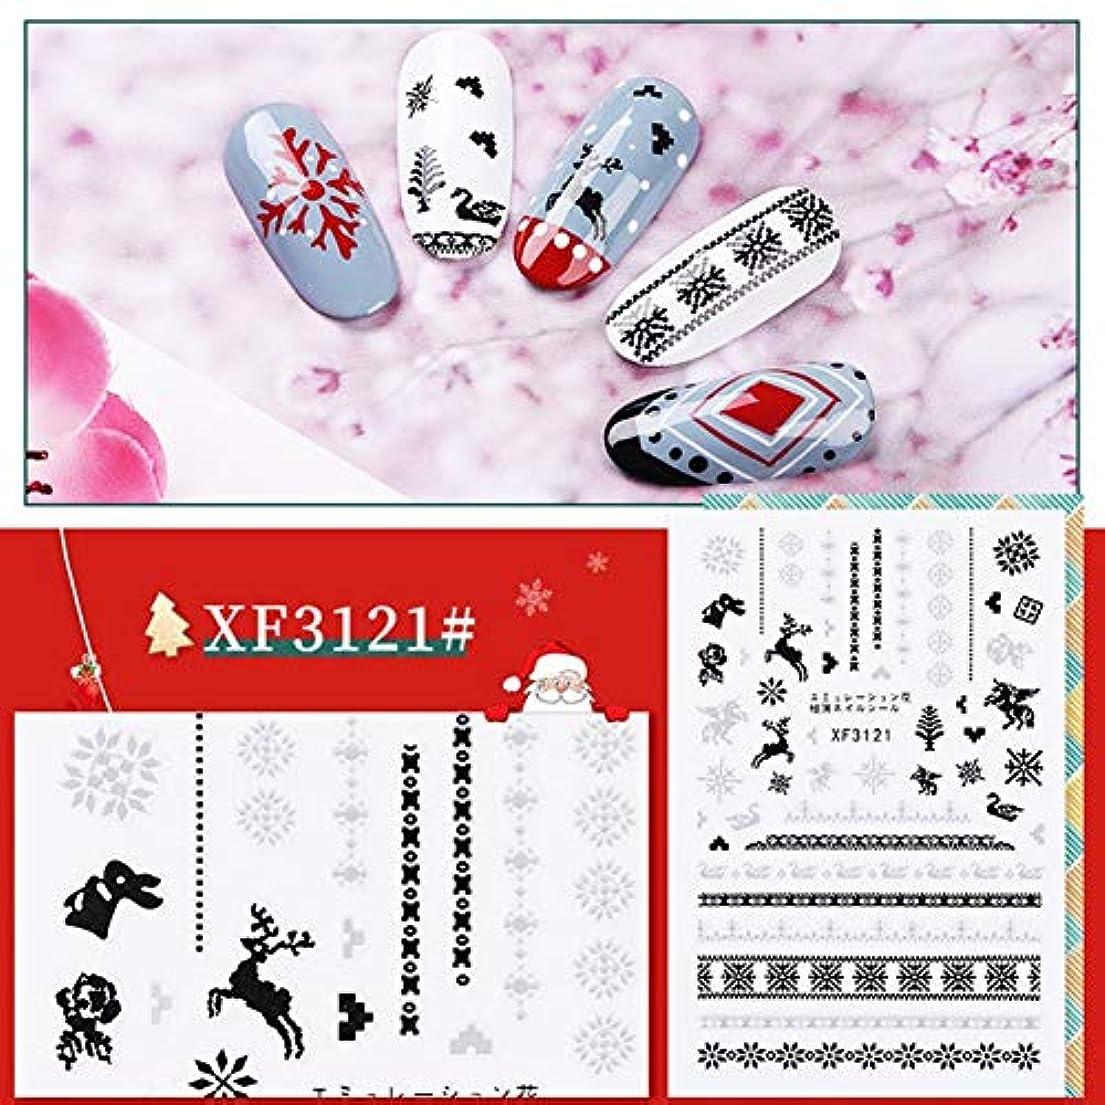 ベギン注ぎますタイプライターLucoss クリスマスネイルステッカー、防水かわいい漫画のパターン、自己接着DIYネイルアップリケクラフトの装飾